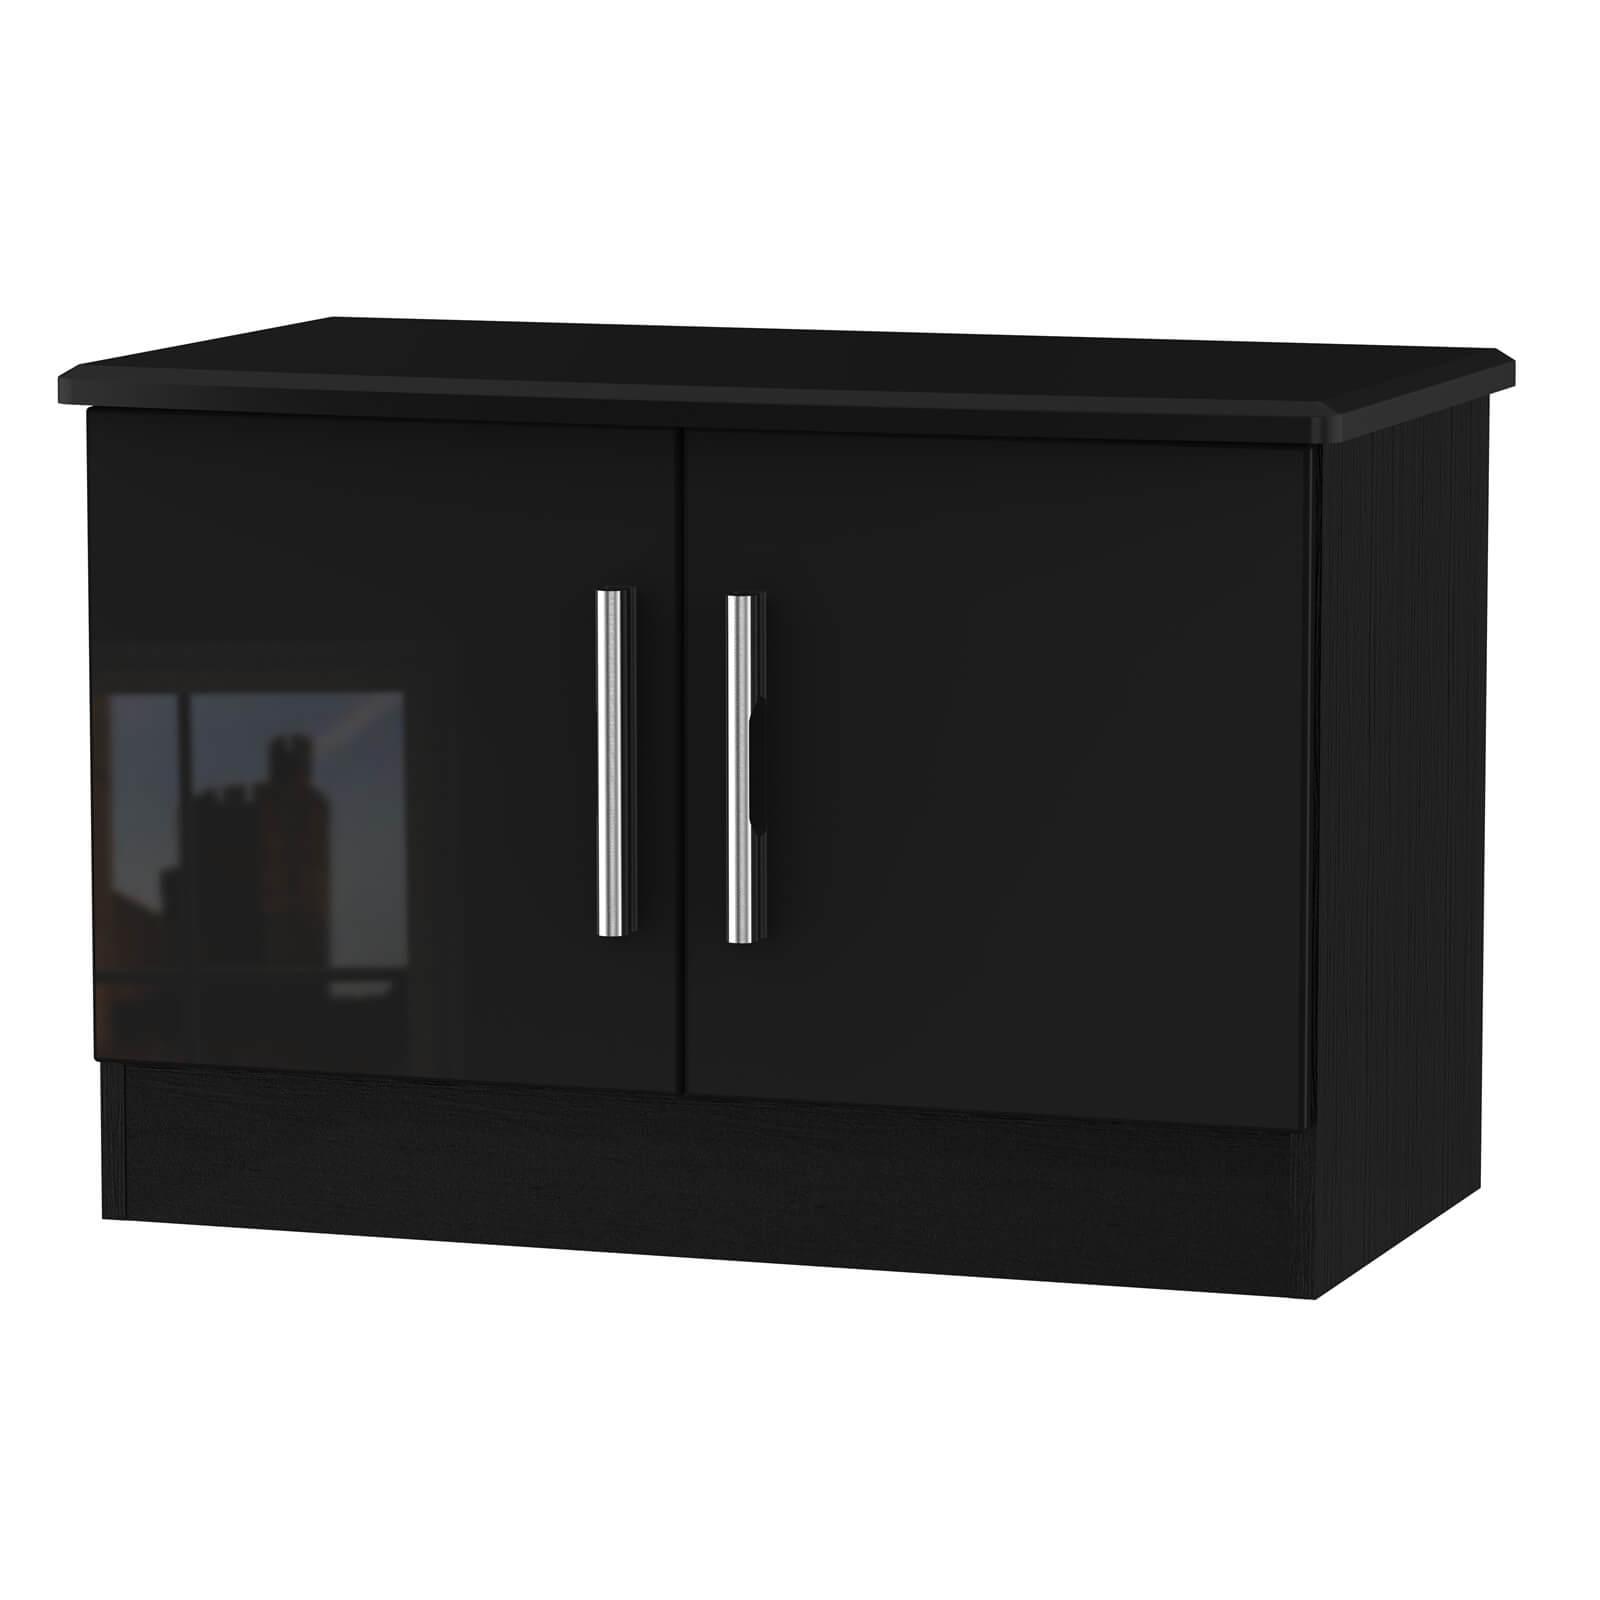 Kensington Low 2 Door Sideboard - Black